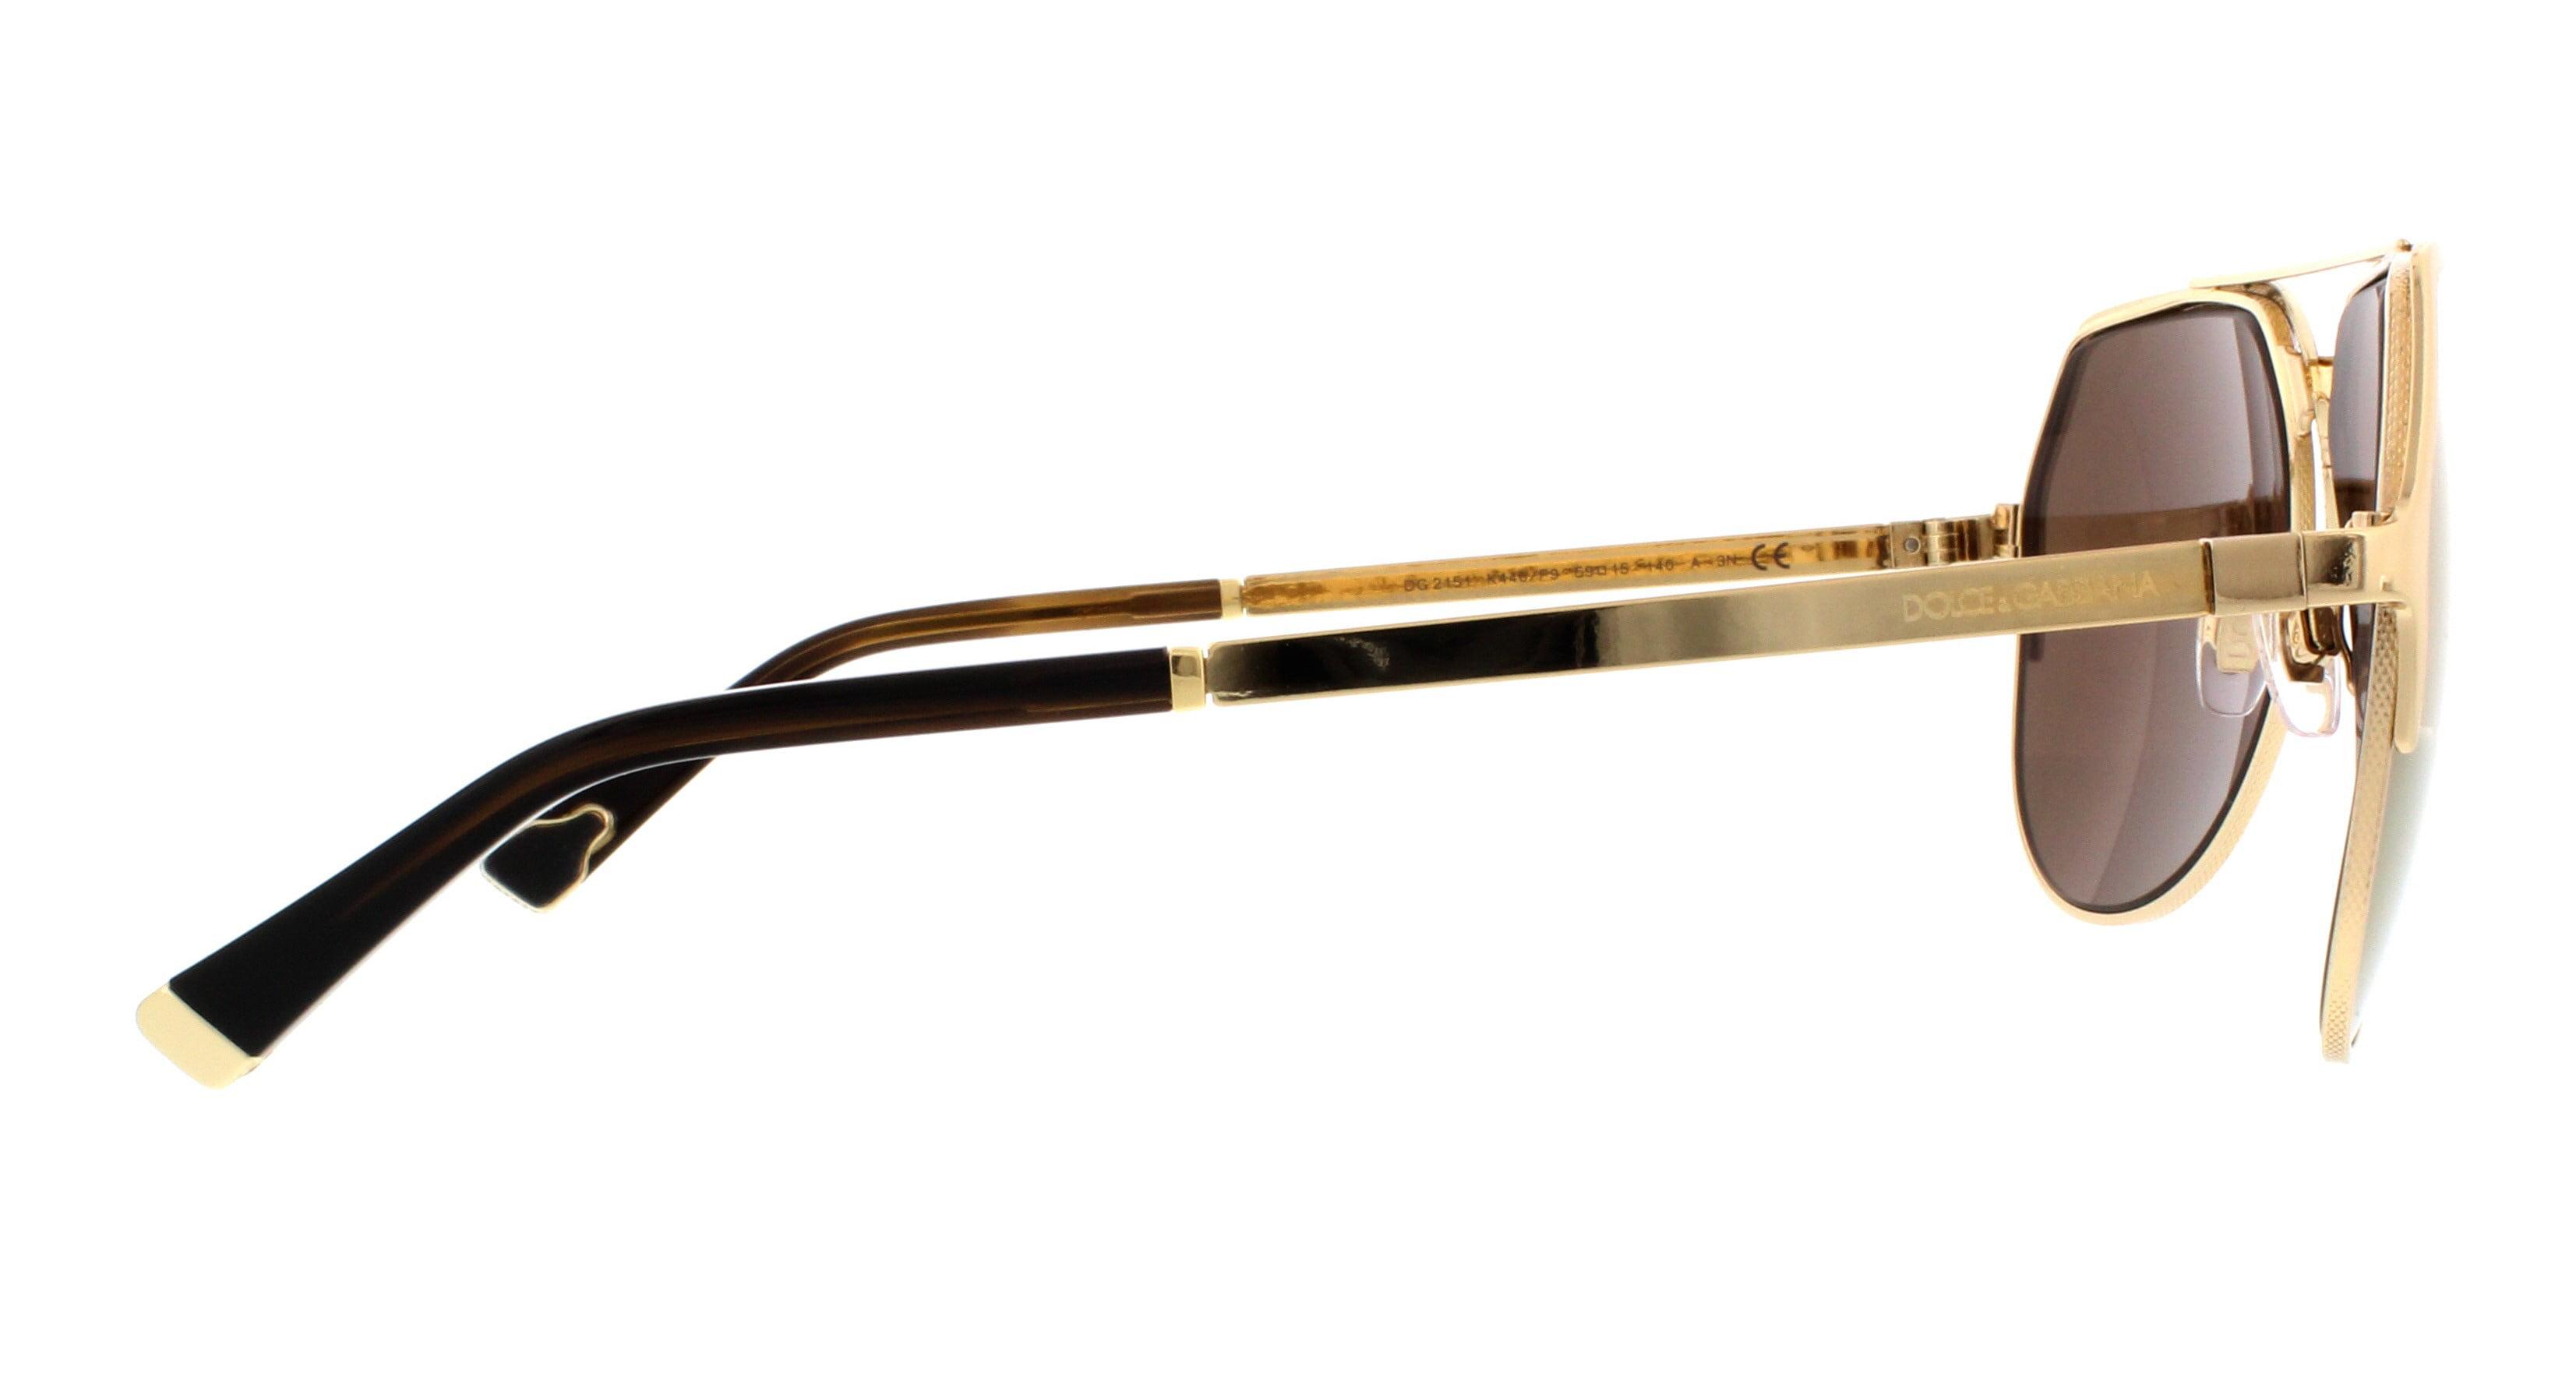 6441217c1 DOLCE & GABBANA - DOLCE & GABBANA Sunglasses DG 2151 K440F9 Gold Plated 18K  59MM - Walmart.com